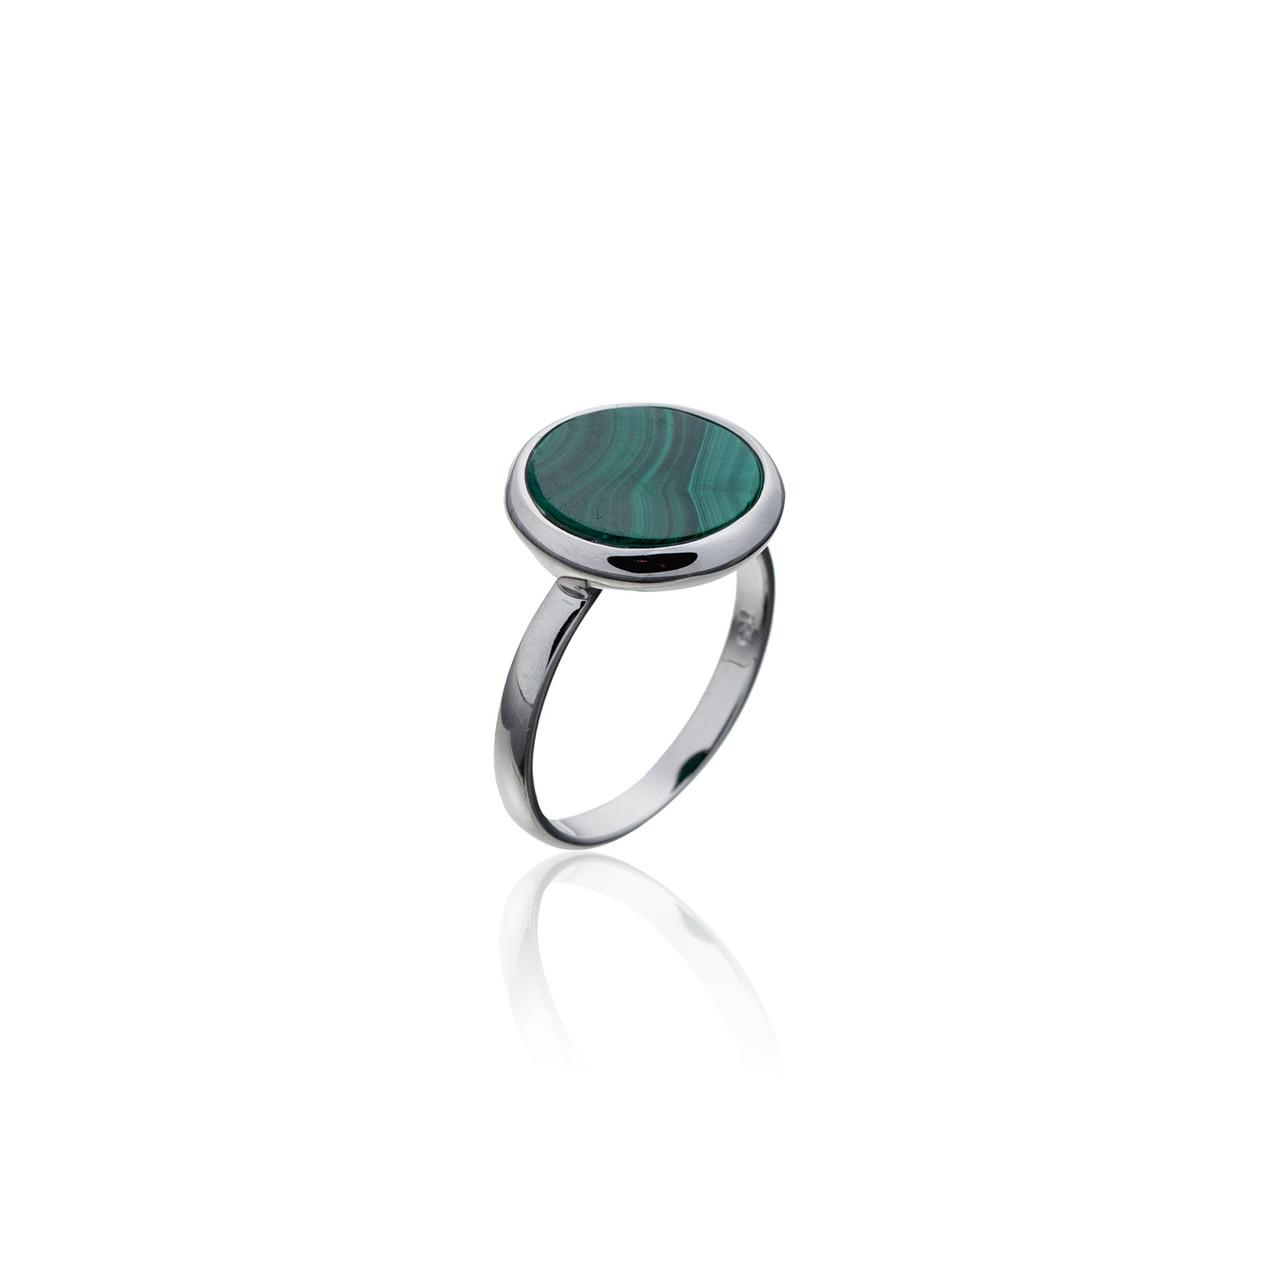 Серебряное кольцо с натуральными камнями Brosh Jewellery (Серебро 925) покрытие родий, вставка Малахит.